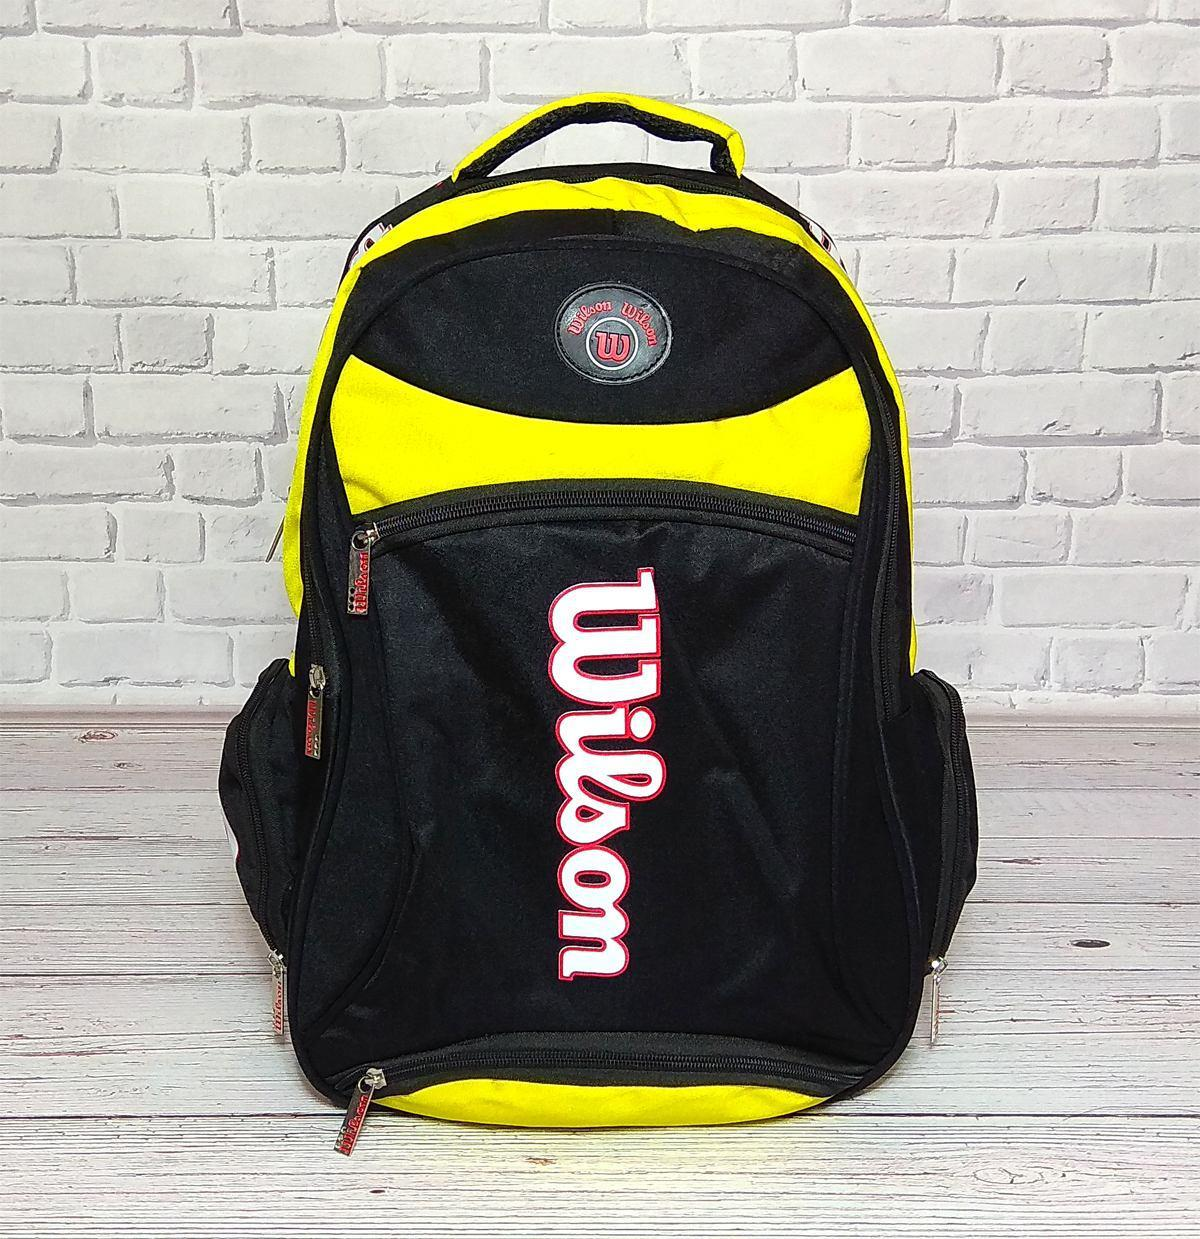 f409168ecfab Вместительный рюкзак Wilson для школы, спорта. Черный с желтым. - ⭐STAR⭐